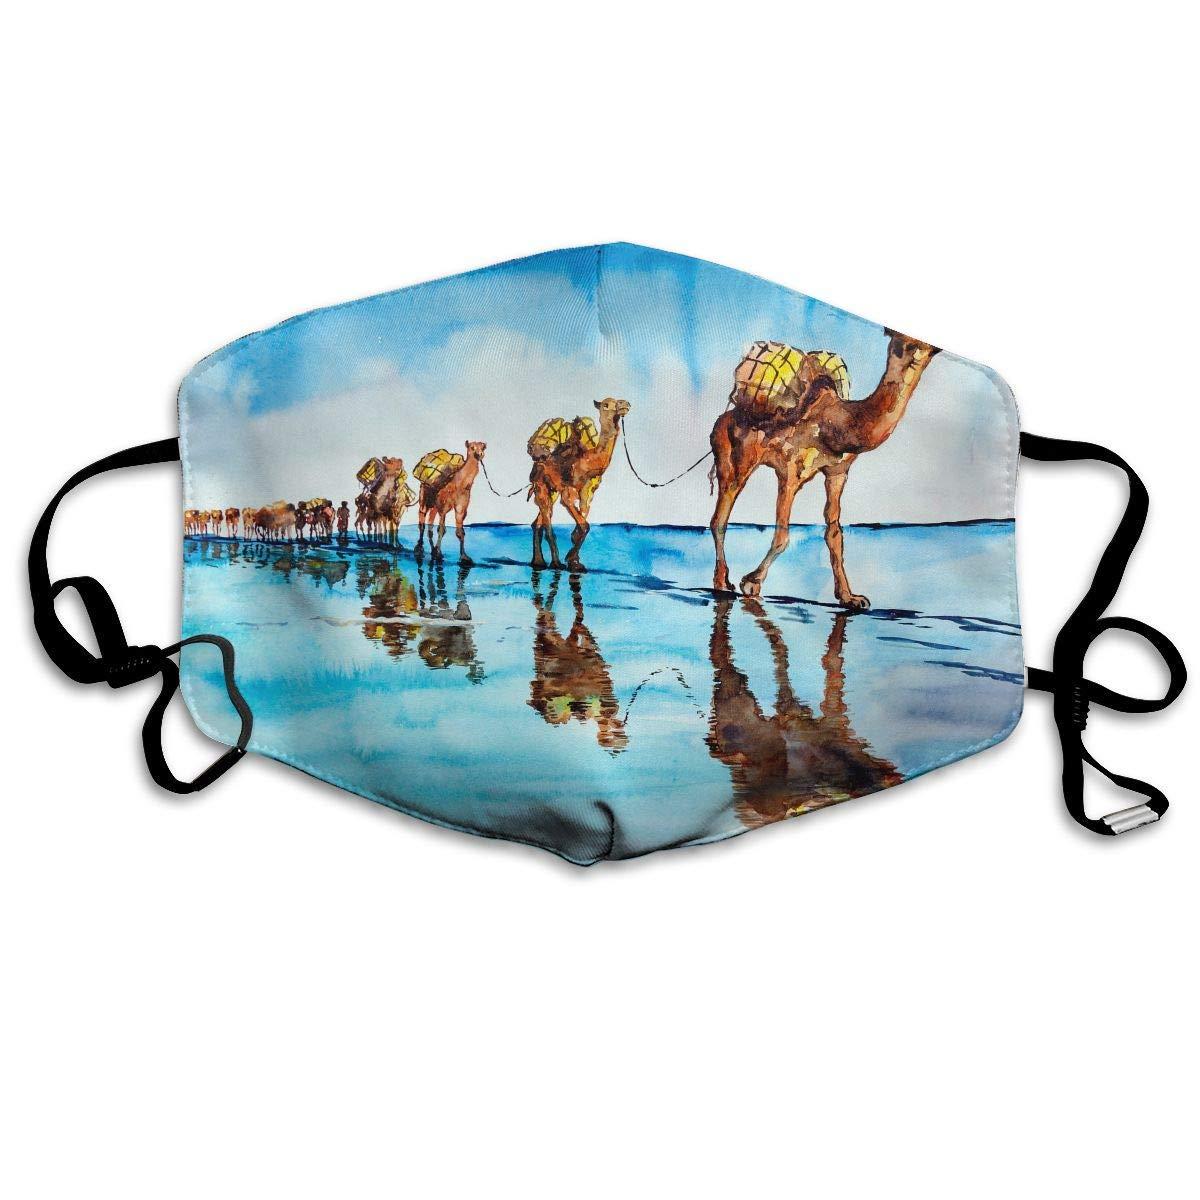 Daawqee Máscara de Boca, Antipolvo Cubierta de Boca Caravan of Camels Print Reusable Washable Earloop Máscara de Boca for Men Women